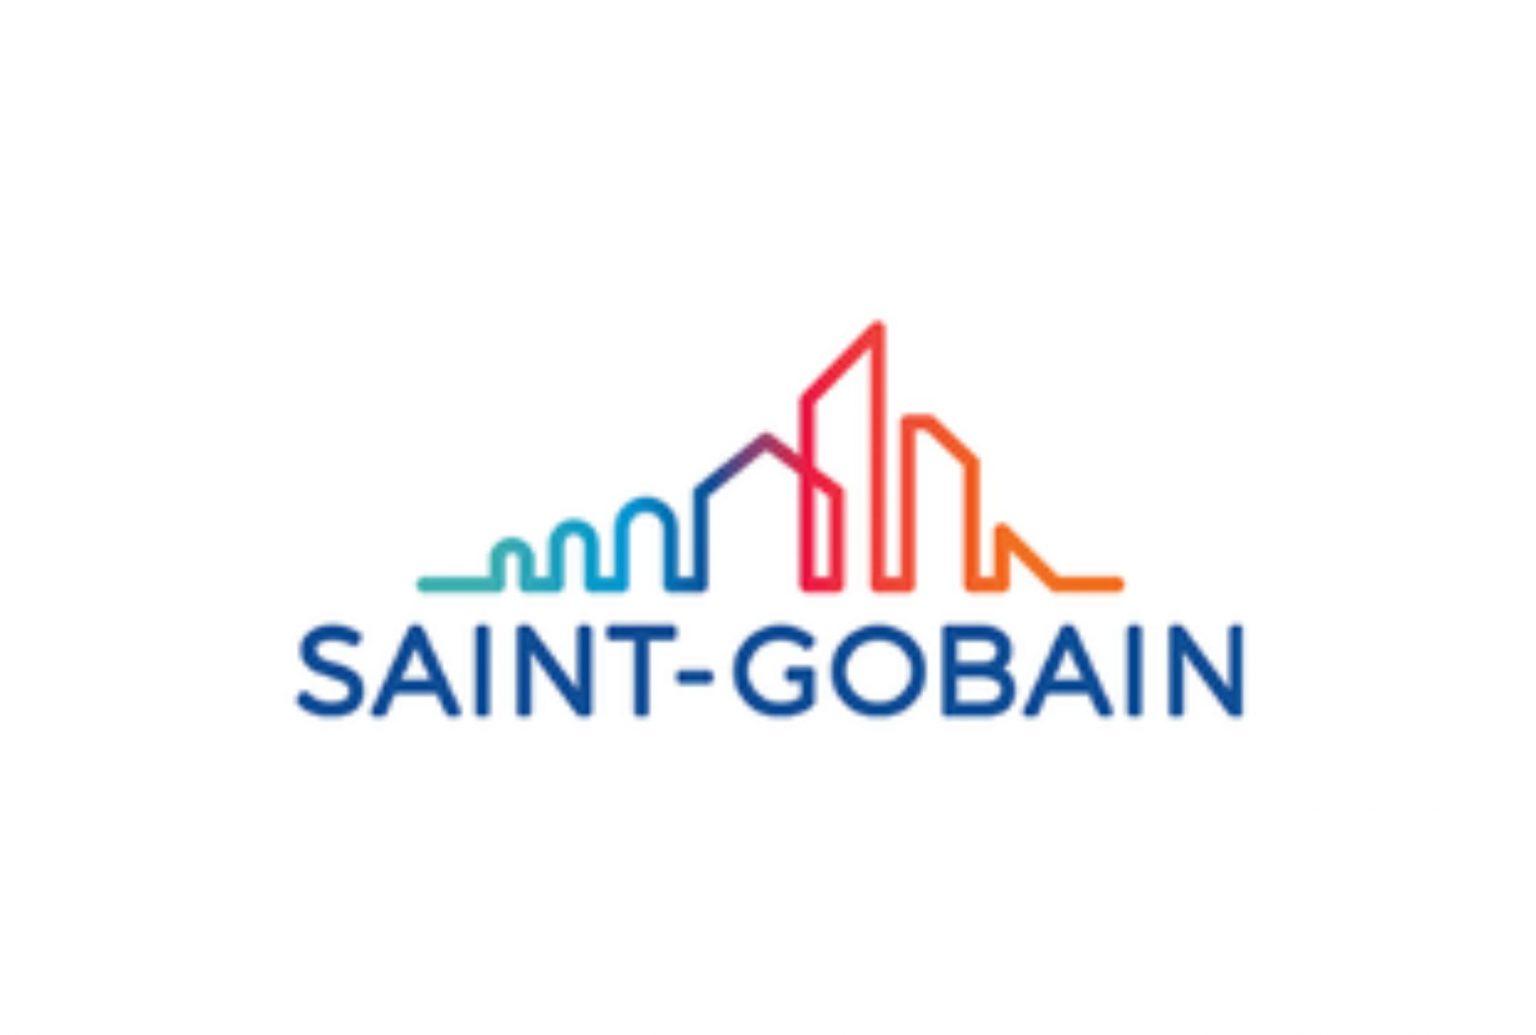 Saint-Gobain-1